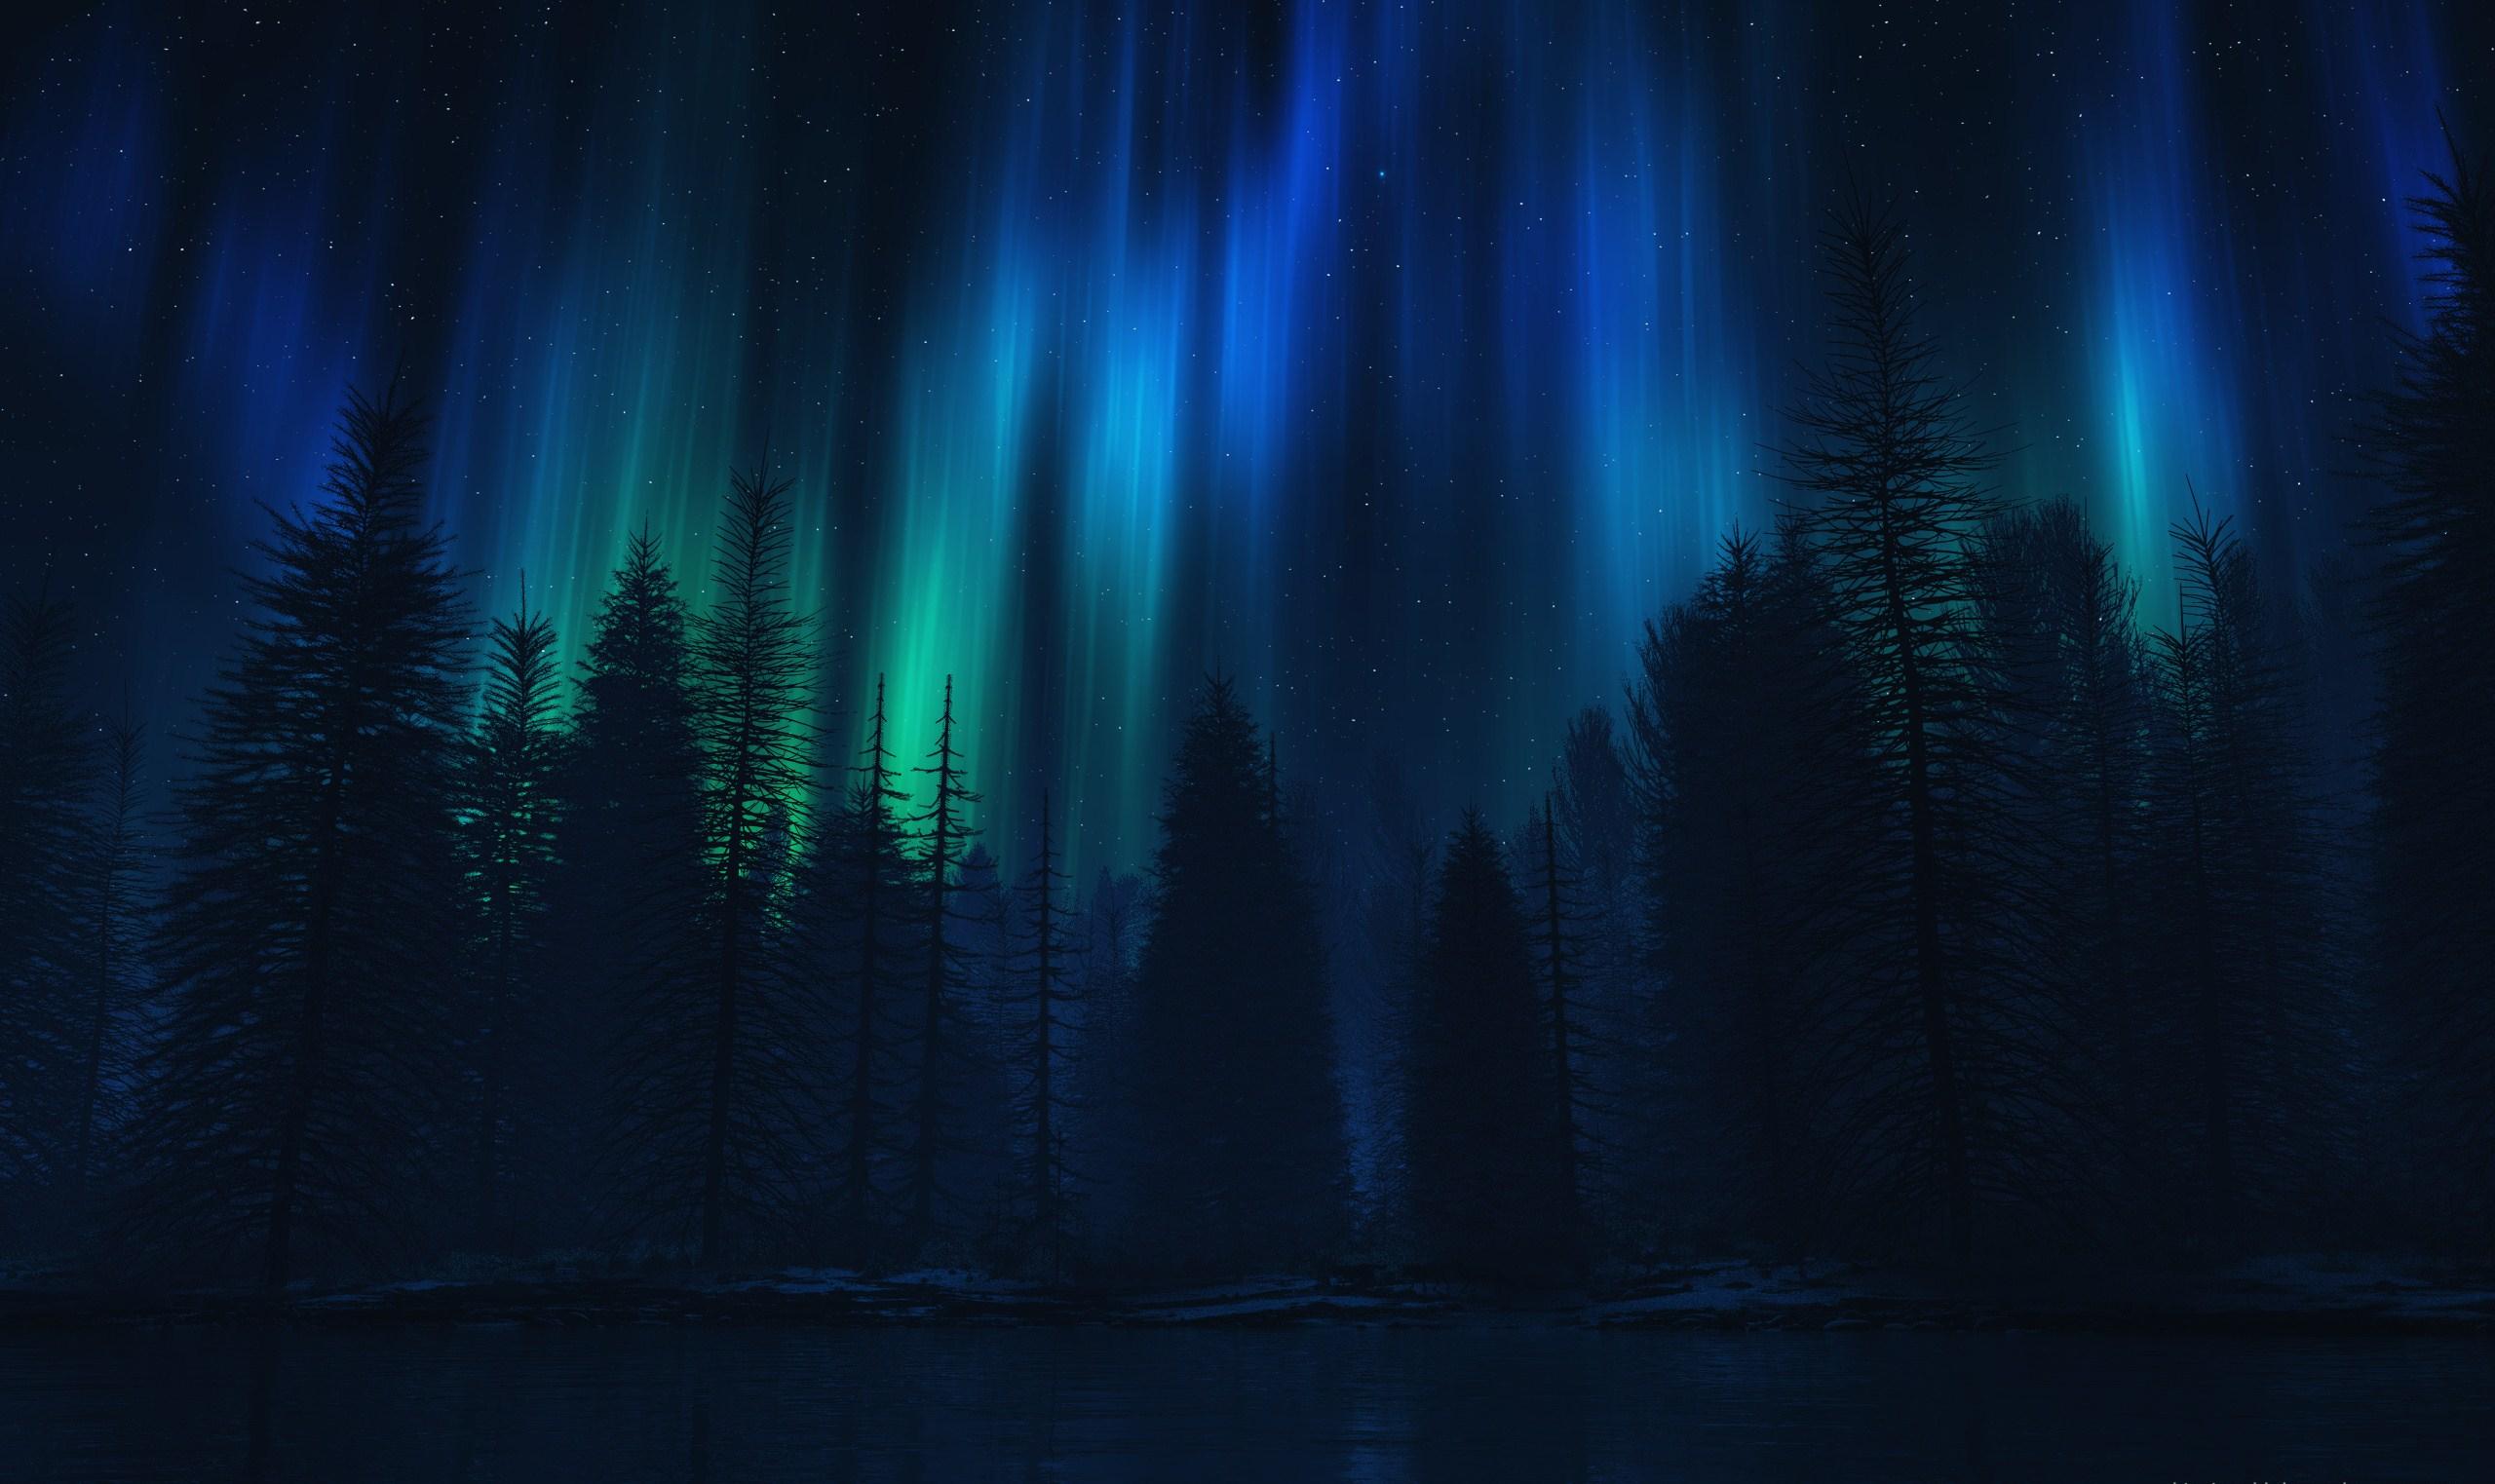 Aurora Pictures Hd Desktop Wallpapers 4k Hd